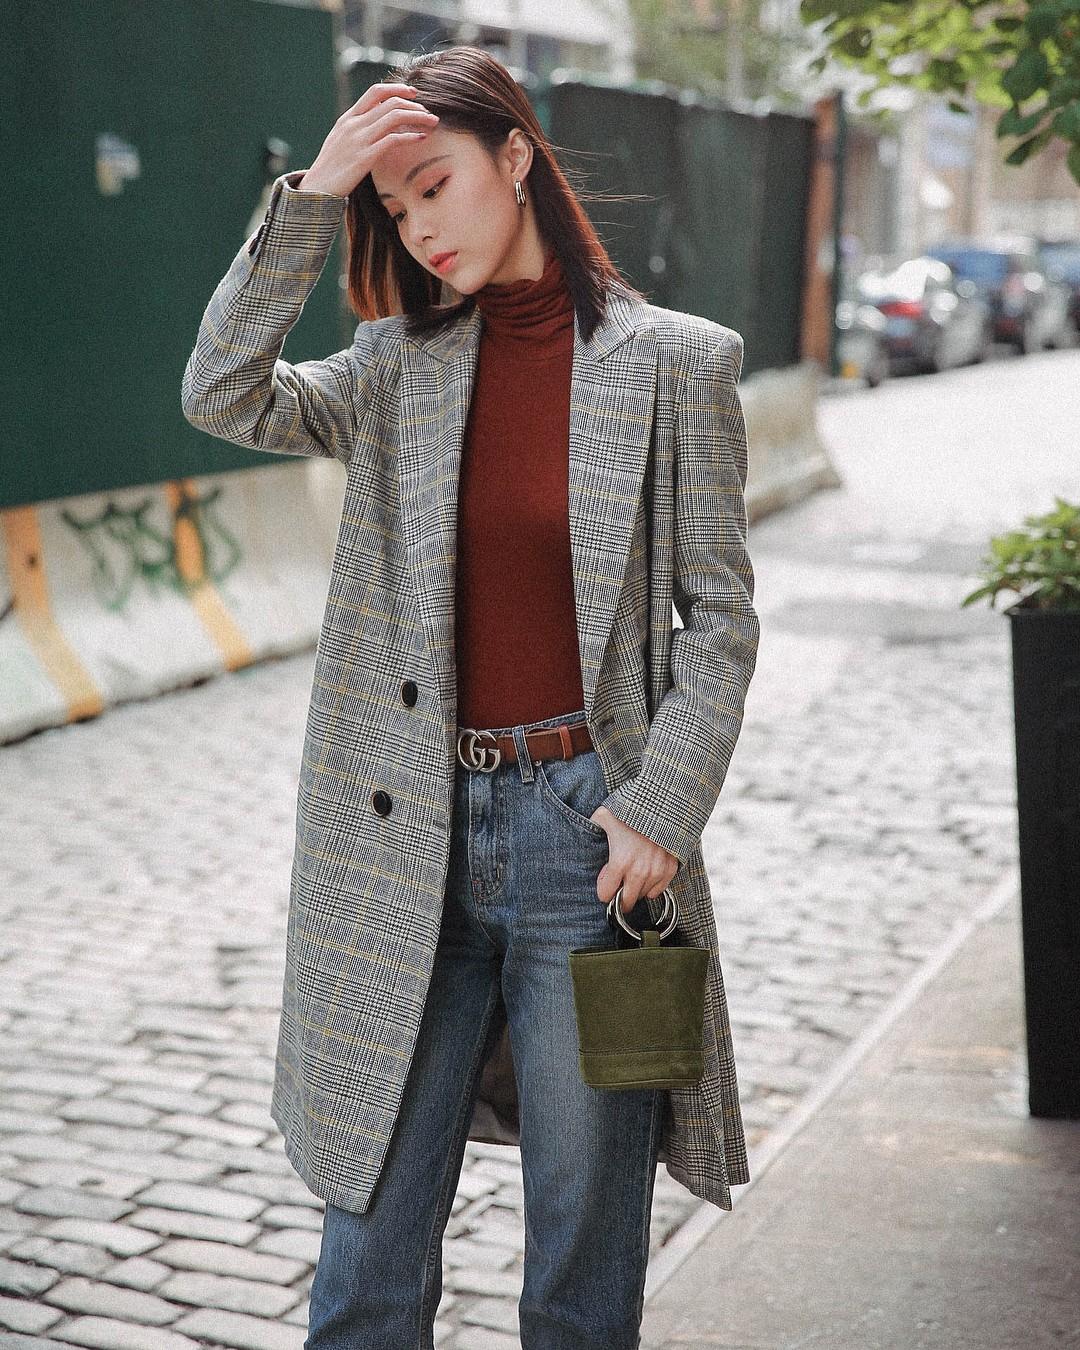 Diện quần jeans đi làm quả thực thú vị, nhưng mặc sao cho đúng chất công sở thì bạn cần nhớ 3 công thức sau - Ảnh 2